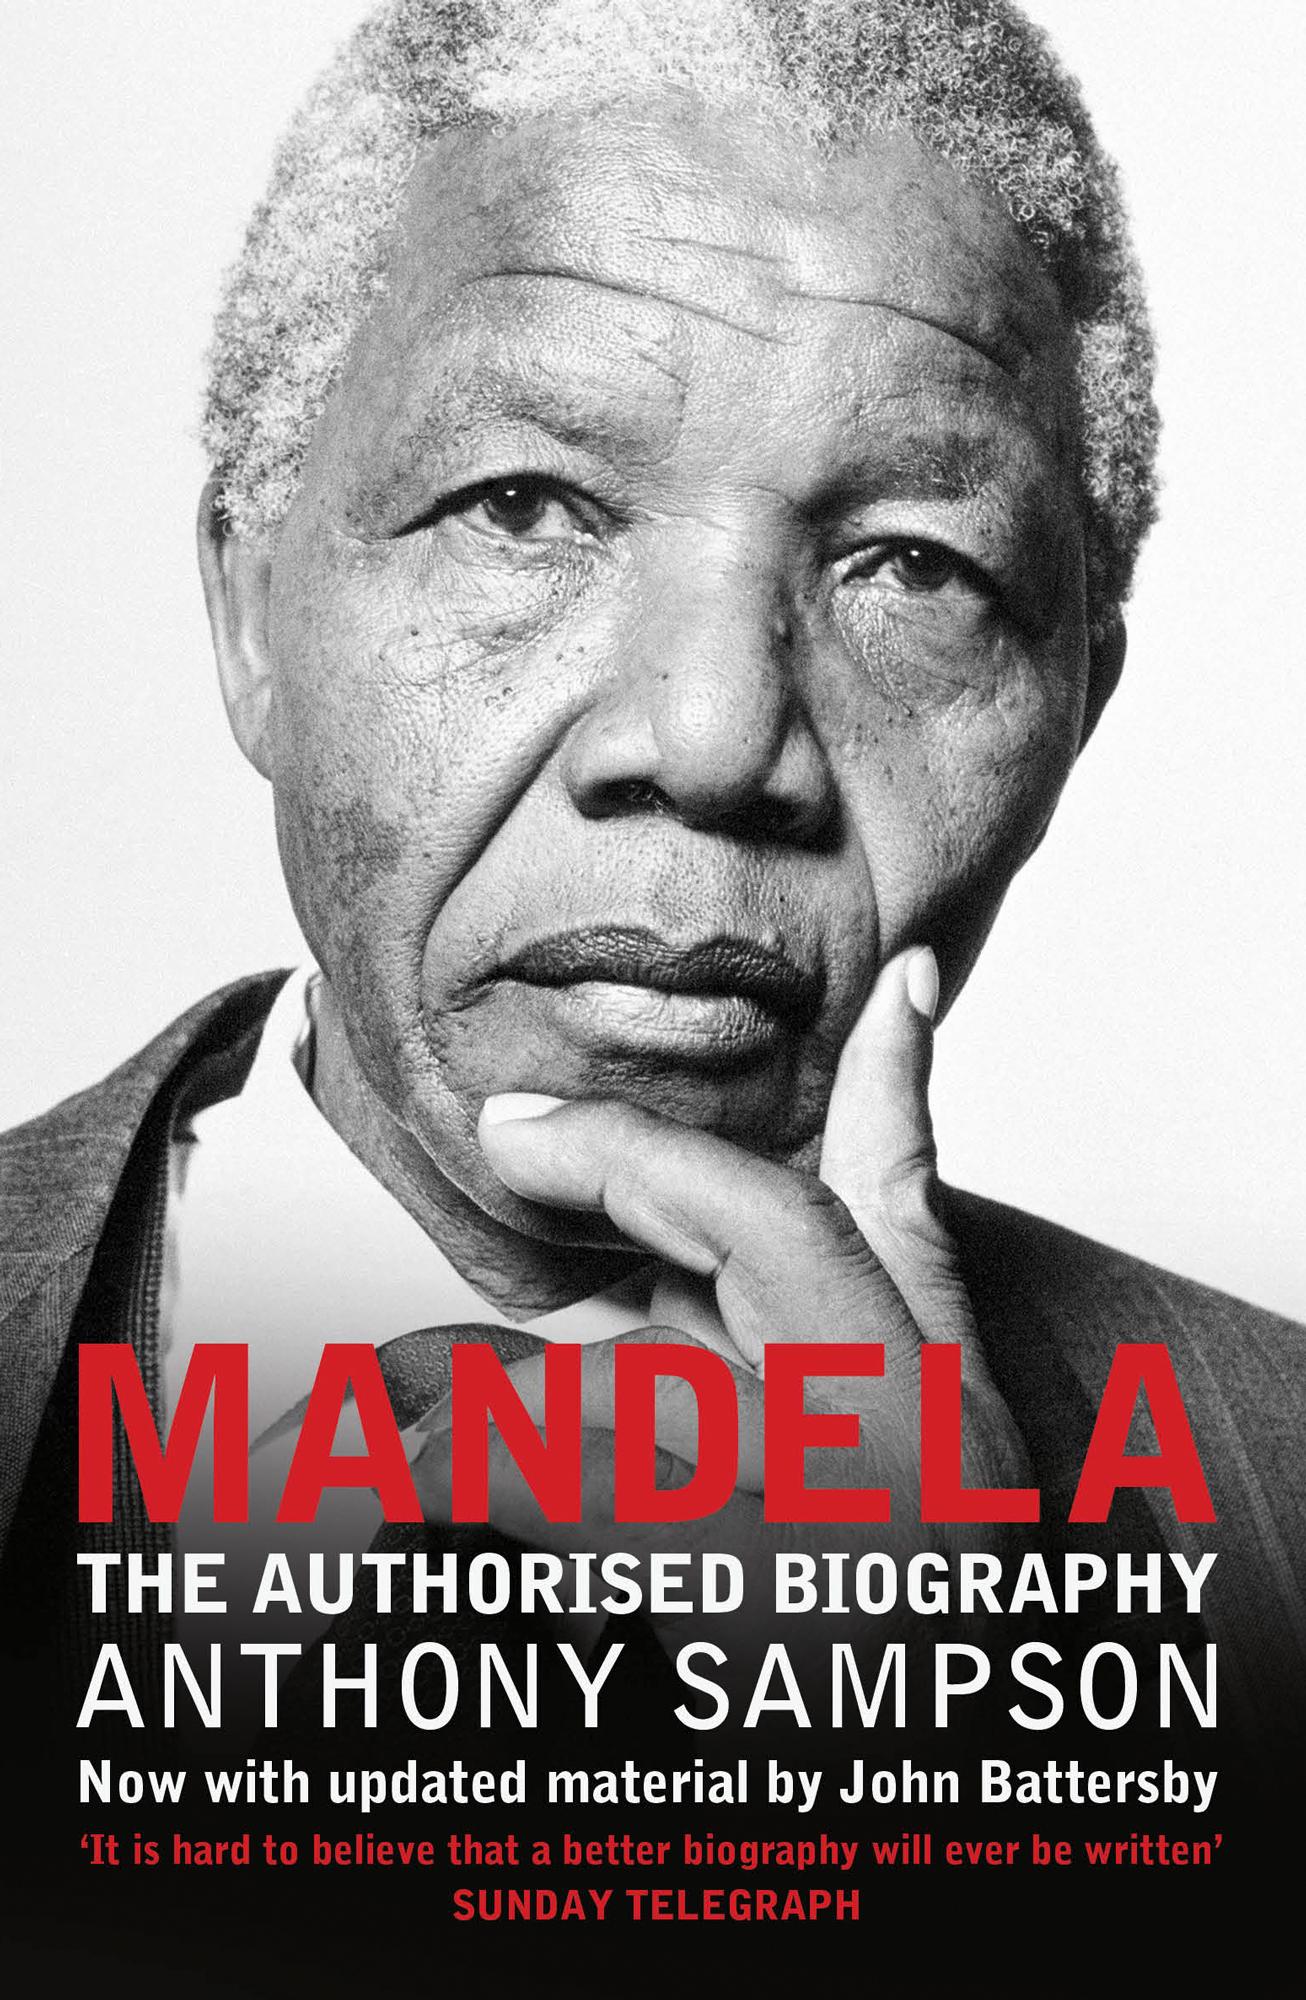 Anthony Sampson Mandela: The Authorised Biography ngema nqobizwe mvelo regulation of polygamy a south african perspective